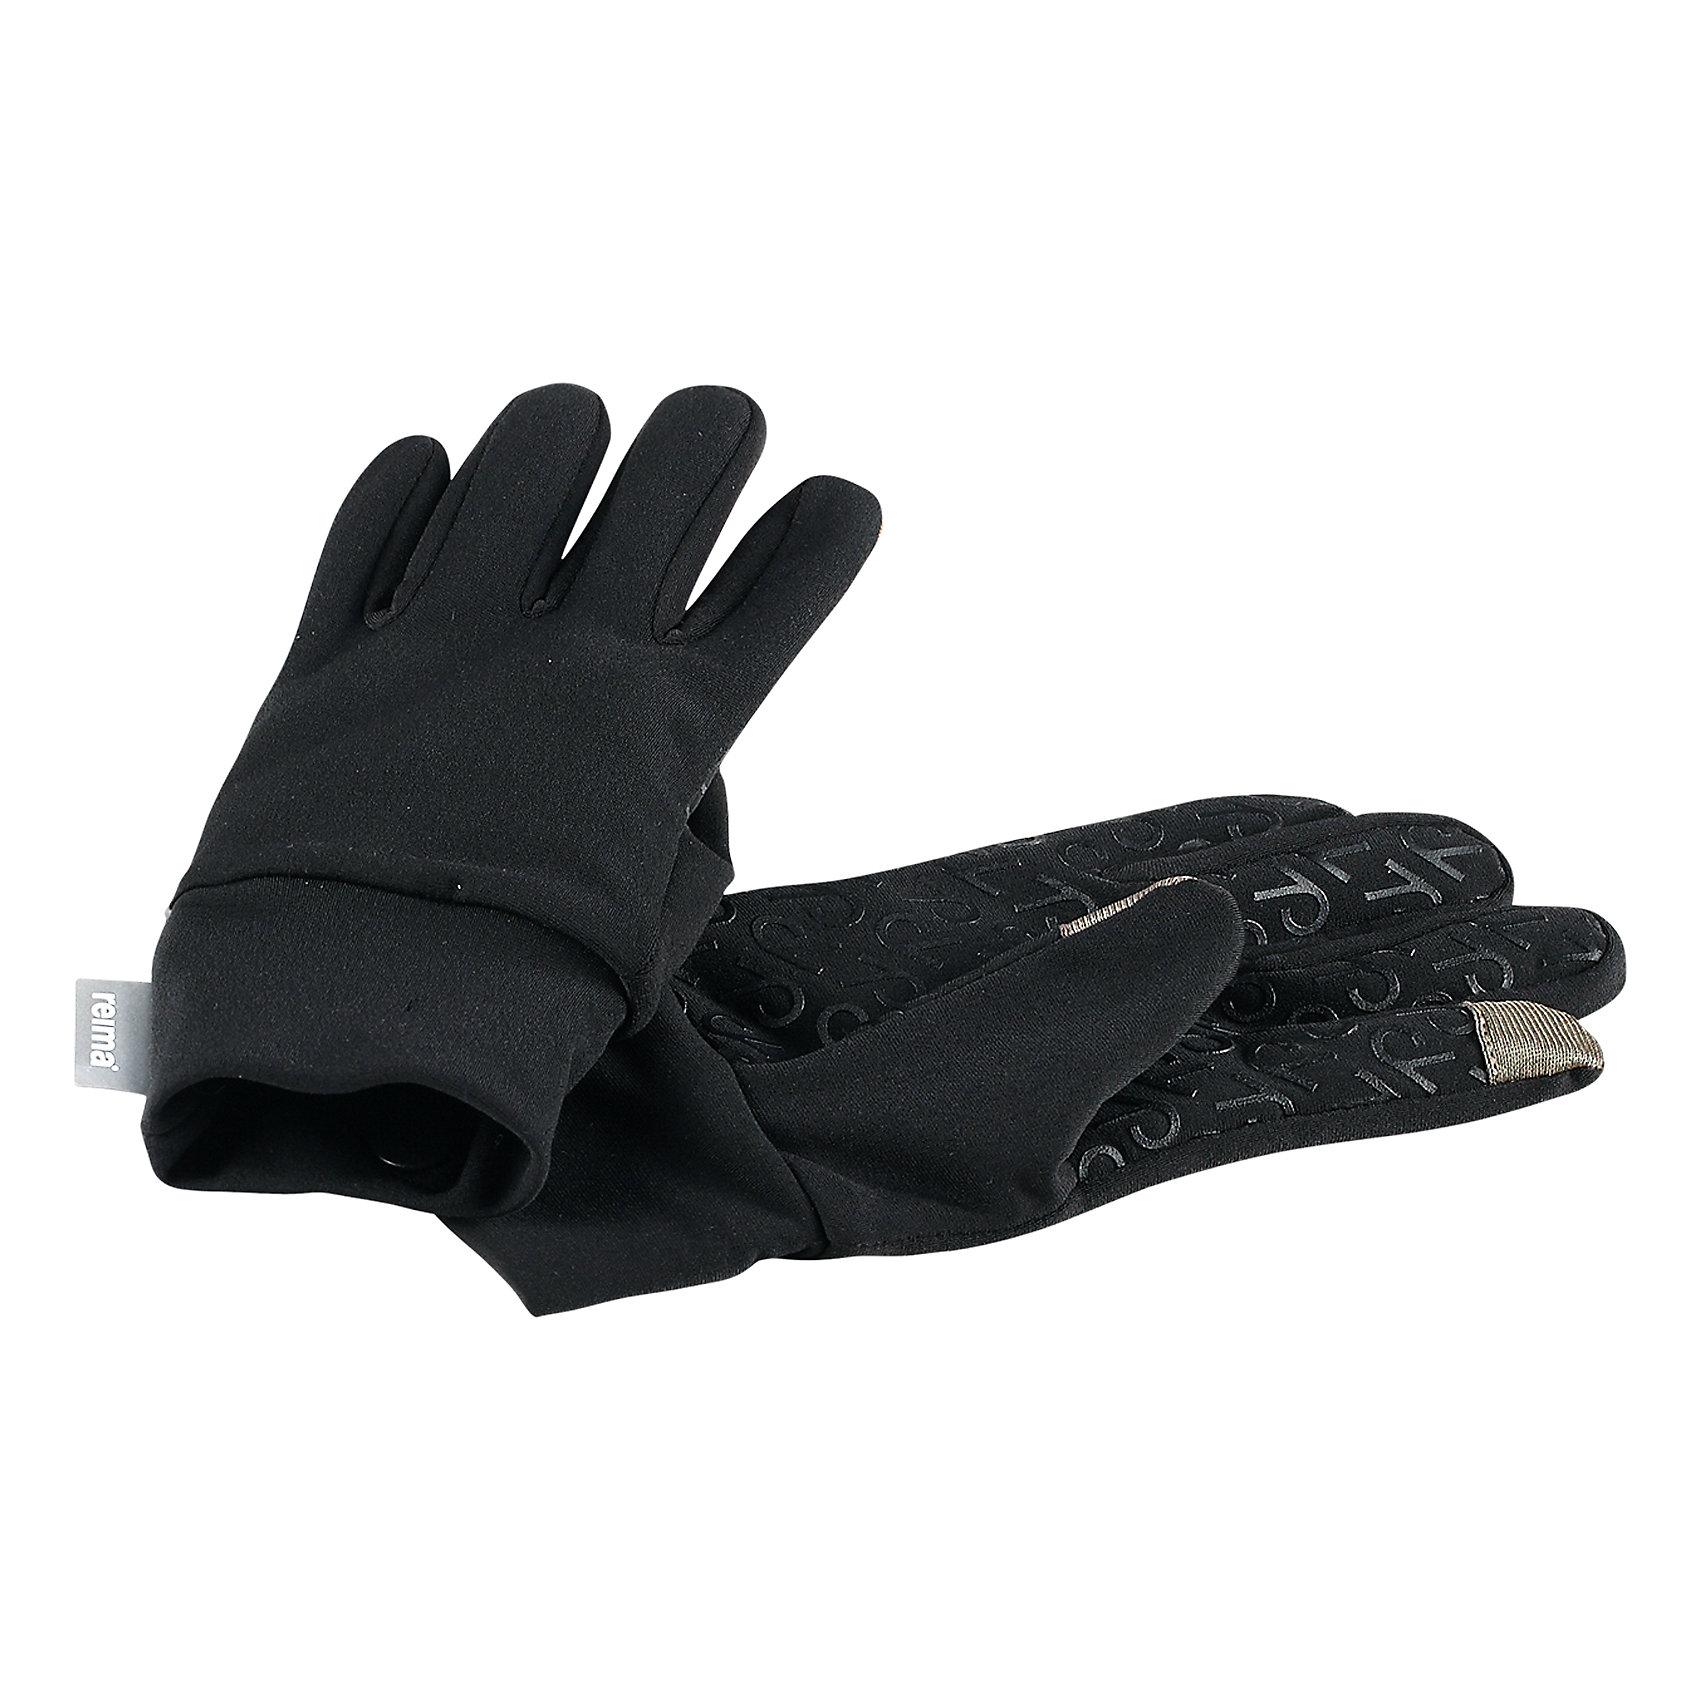 Перчатки Zinkenite ReimaПерчатки, варежки<br>Высококачественные перчатки для детей и подростков. Эти модные детские перчатки изготовлены из удобного, быстросохнущего и эластичного материала с мягкой и теплой ворсовой изнанкой, которая подарит рукам максимальный комфорт. Просто класс: их совсем не нужно снимать, чтобы пользоваться смартфоном! На ладонь нанесен силиконовый нескользящий рисунок!<br>Состав:<br>85% Полиэстер 15% Эластан<br><br>Ширина мм: 162<br>Глубина мм: 171<br>Высота мм: 55<br>Вес г: 119<br>Цвет: черный<br>Возраст от месяцев: 24<br>Возраст до месяцев: 48<br>Пол: Унисекс<br>Возраст: Детский<br>Размер: 3/4,7/8,5/6<br>SKU: 6902123